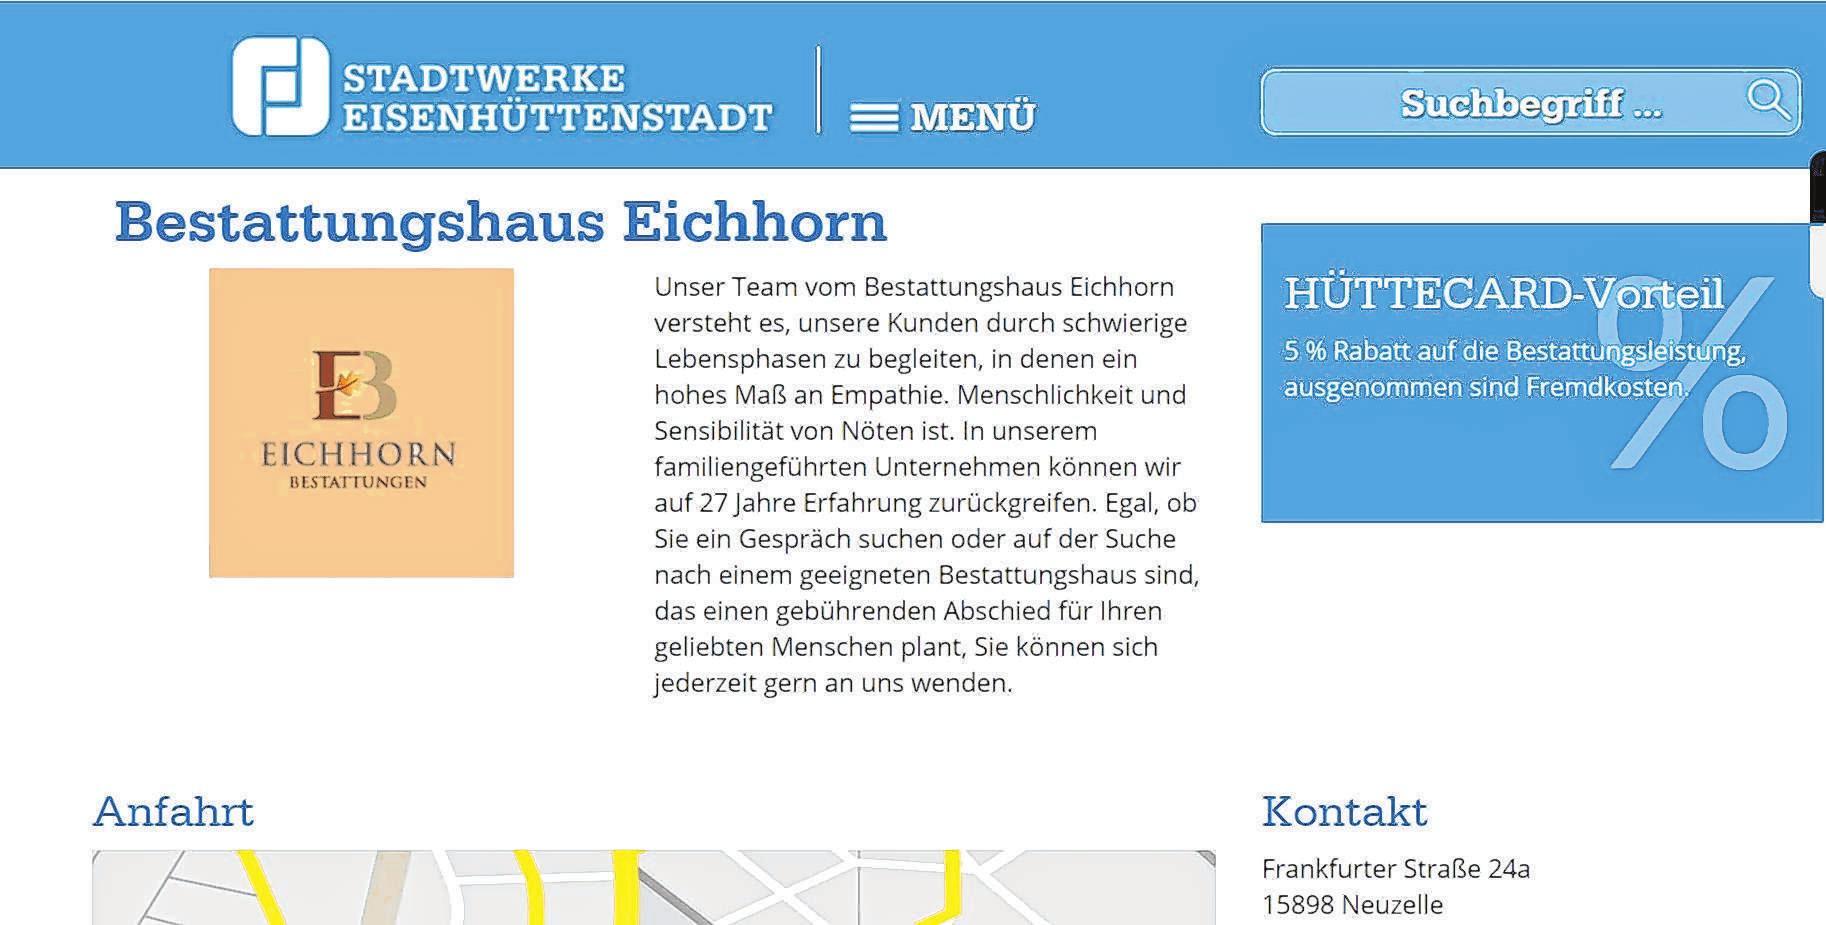 Aktueller als die Broschüre ist natürlich www.huettecard.de, denn das HÜTTECARD-Netzwerk wächst ständig.